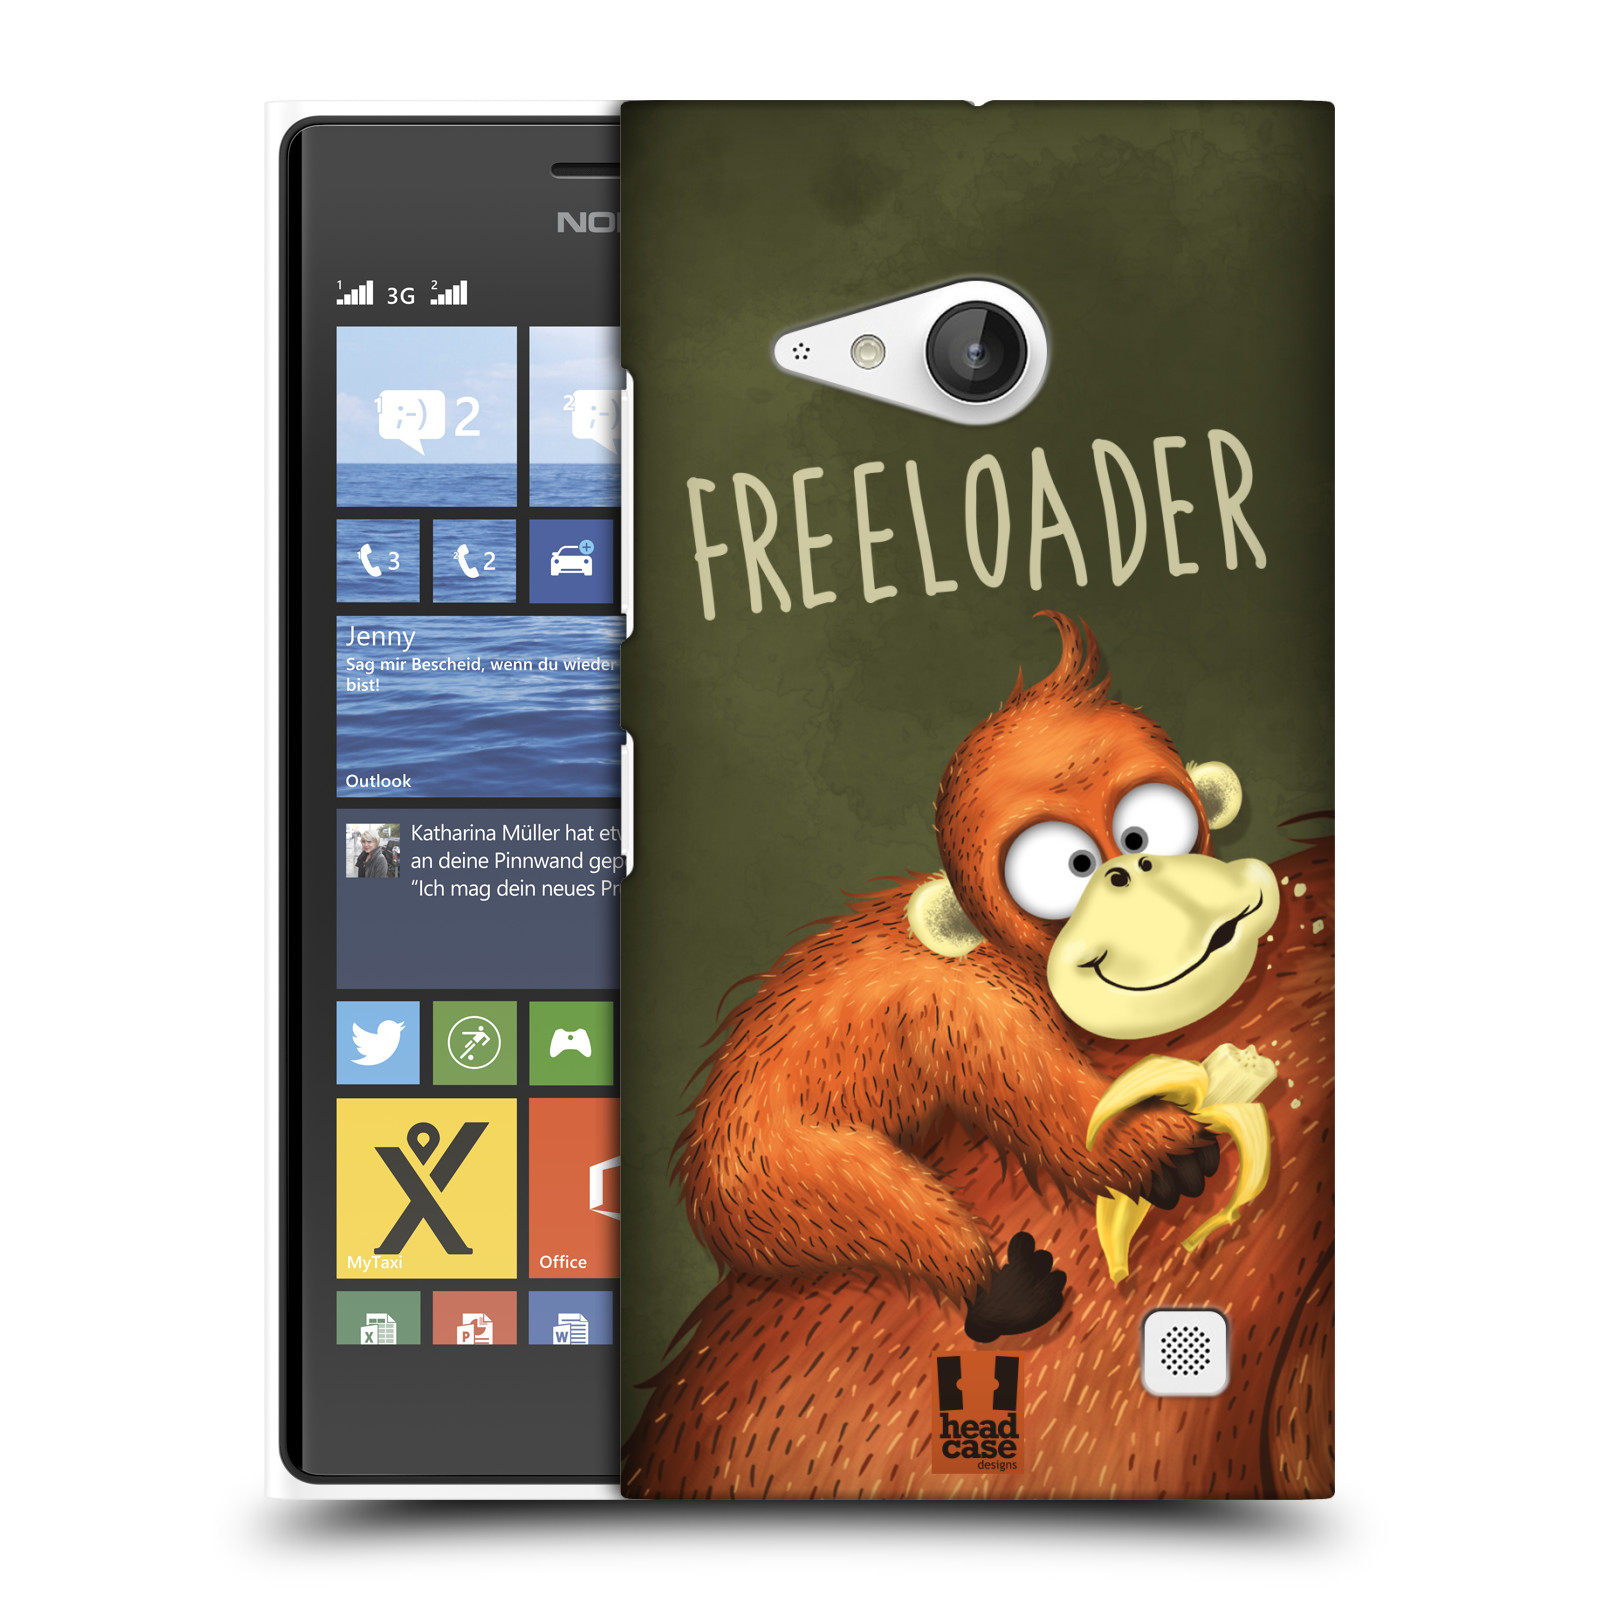 Plastové pouzdro na mobil Nokia Lumia 730 Dual SIM HEAD CASE Opičák Freeloader (Kryt či obal na mobilní telefon Nokia Lumia 730 Dual SIM)